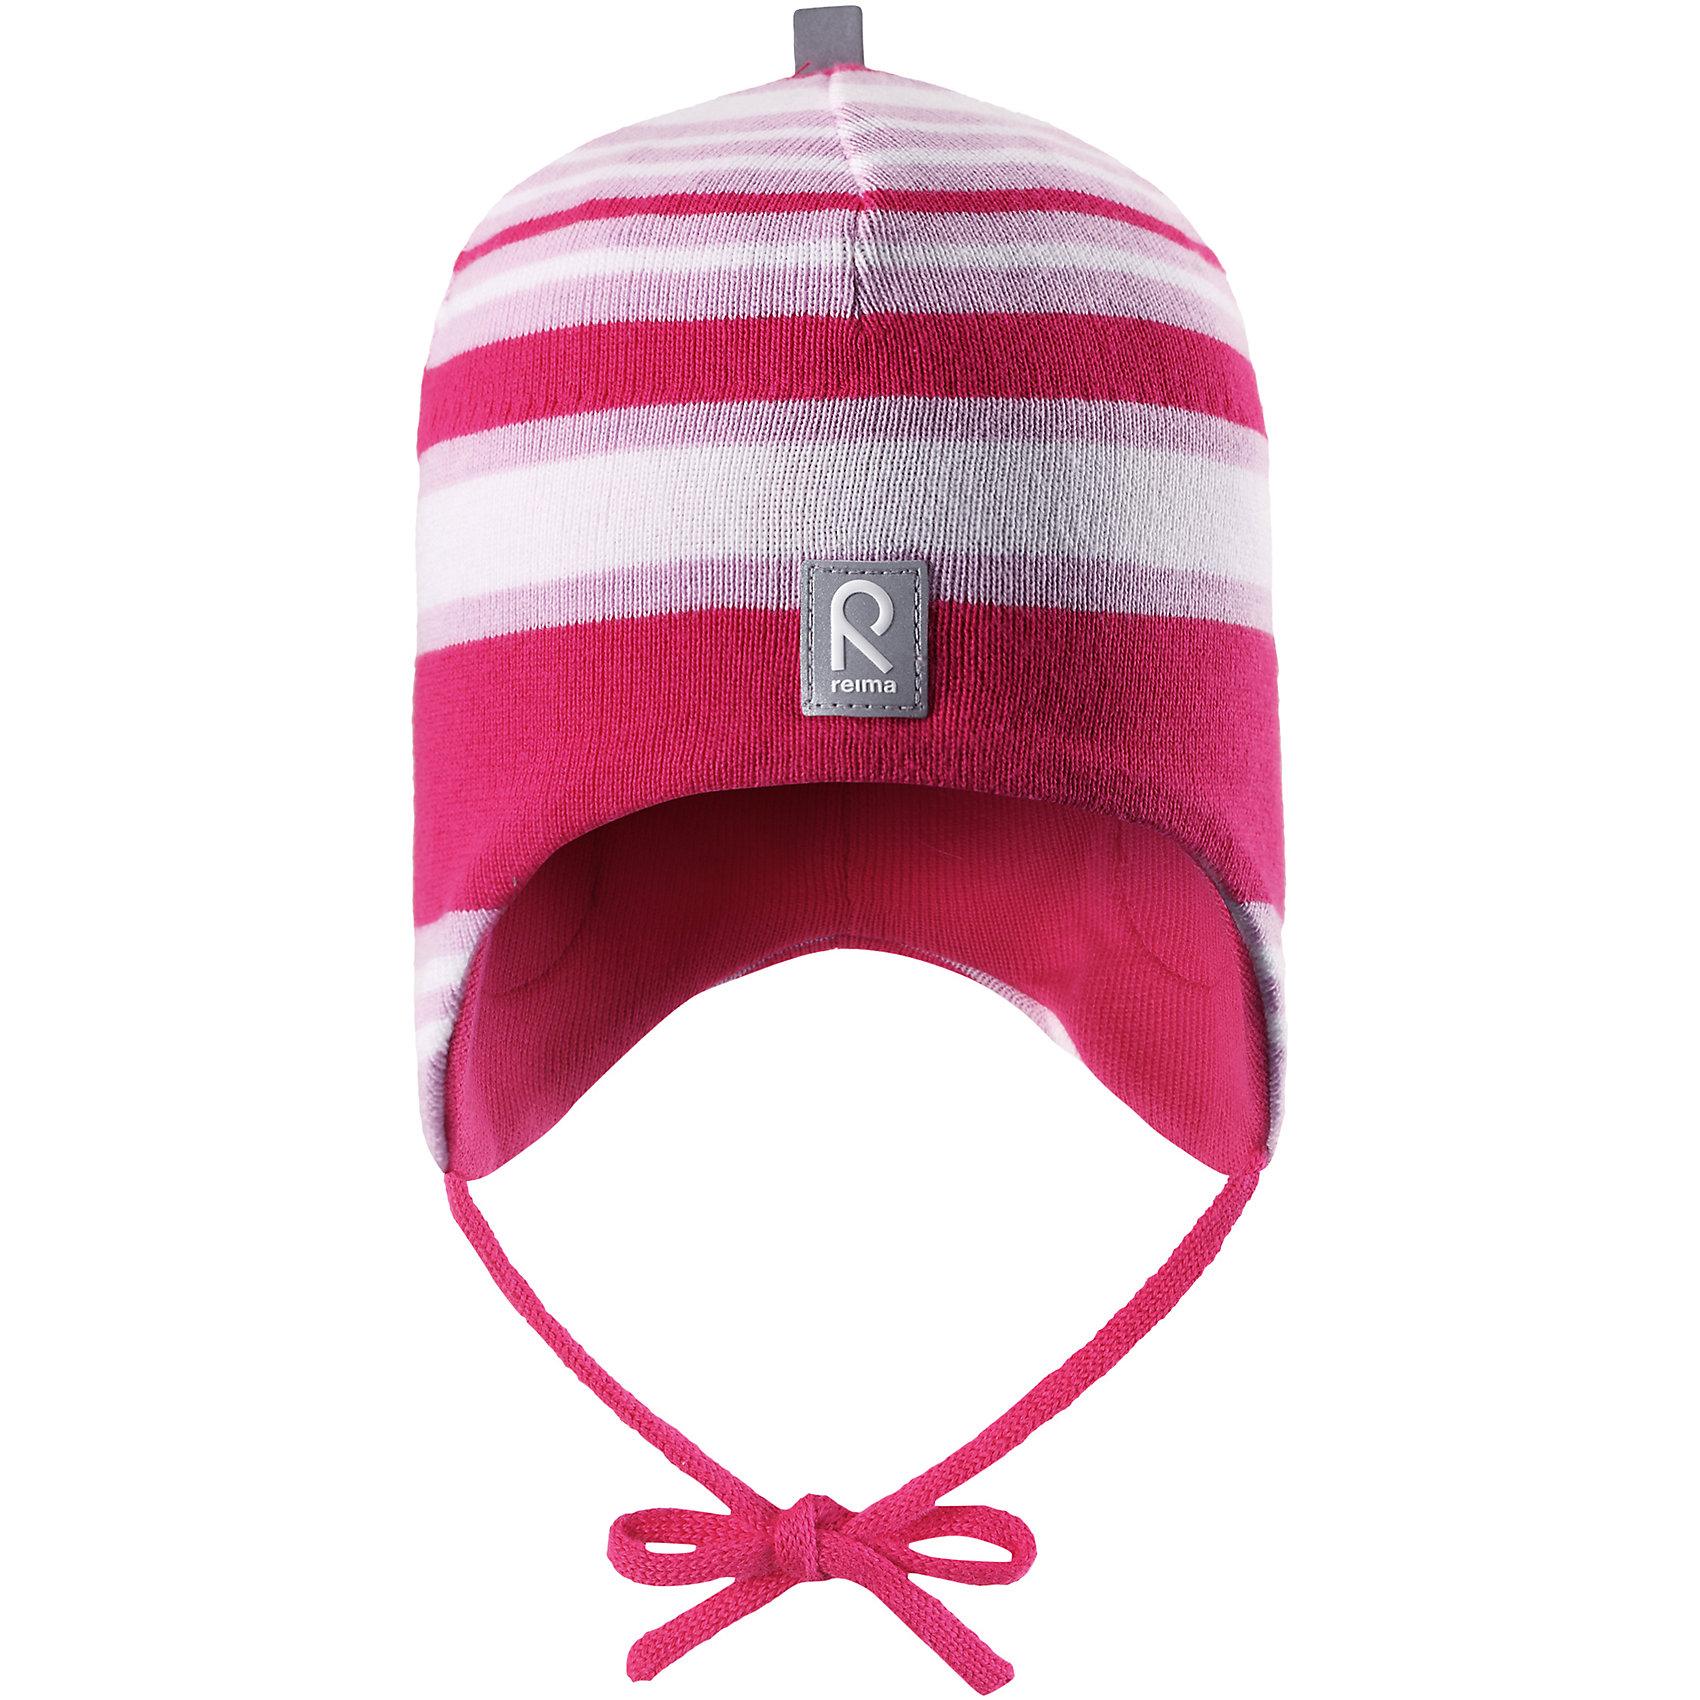 Шапка Aqueous для девочки ReimaШапочки<br>Характеристики товара:<br><br>• цвет: белый/розовый<br>• состав: 100% хлопок<br>• полуподкладка: хлопковый трикотаж<br>• температурный режим: от 0С до +10С<br>• эластичный хлопковый трикотаж<br>• инделие сертифицированно по стандарту Oeko-Tex на продукция класса 1 - одежда для новорождённых<br>• ветронепроницаемые вставки в области ушей<br>• завязки во всех размерах<br>• эмблема Reima спереди<br>• светоотражающие детали<br>• страна бренда: Финляндия<br>• страна производства: Китай<br><br>Детский головной убор может быть модным и удобным одновременно! Стильная шапка поможет обеспечить ребенку комфорт и дополнить наряд. Шапка удобно сидит и аккуратно выглядит. Проста в уходе, долго служит. Стильный дизайн разрабатывался специально для детей. Отличная защита от дождя и ветра!<br><br>Уход:<br><br>• стирать по отдельности, вывернув наизнанку<br>• придать первоначальную форму вo влажном виде<br>• возможна усадка 5 %.<br><br>Шапку от финского бренда Reima (Рейма) можно купить в нашем интернет-магазине.<br><br>Ширина мм: 89<br>Глубина мм: 117<br>Высота мм: 44<br>Вес г: 155<br>Цвет: розовый<br>Возраст от месяцев: 6<br>Возраст до месяцев: 9<br>Пол: Женский<br>Возраст: Детский<br>Размер: 52,48,50,46<br>SKU: 5271105